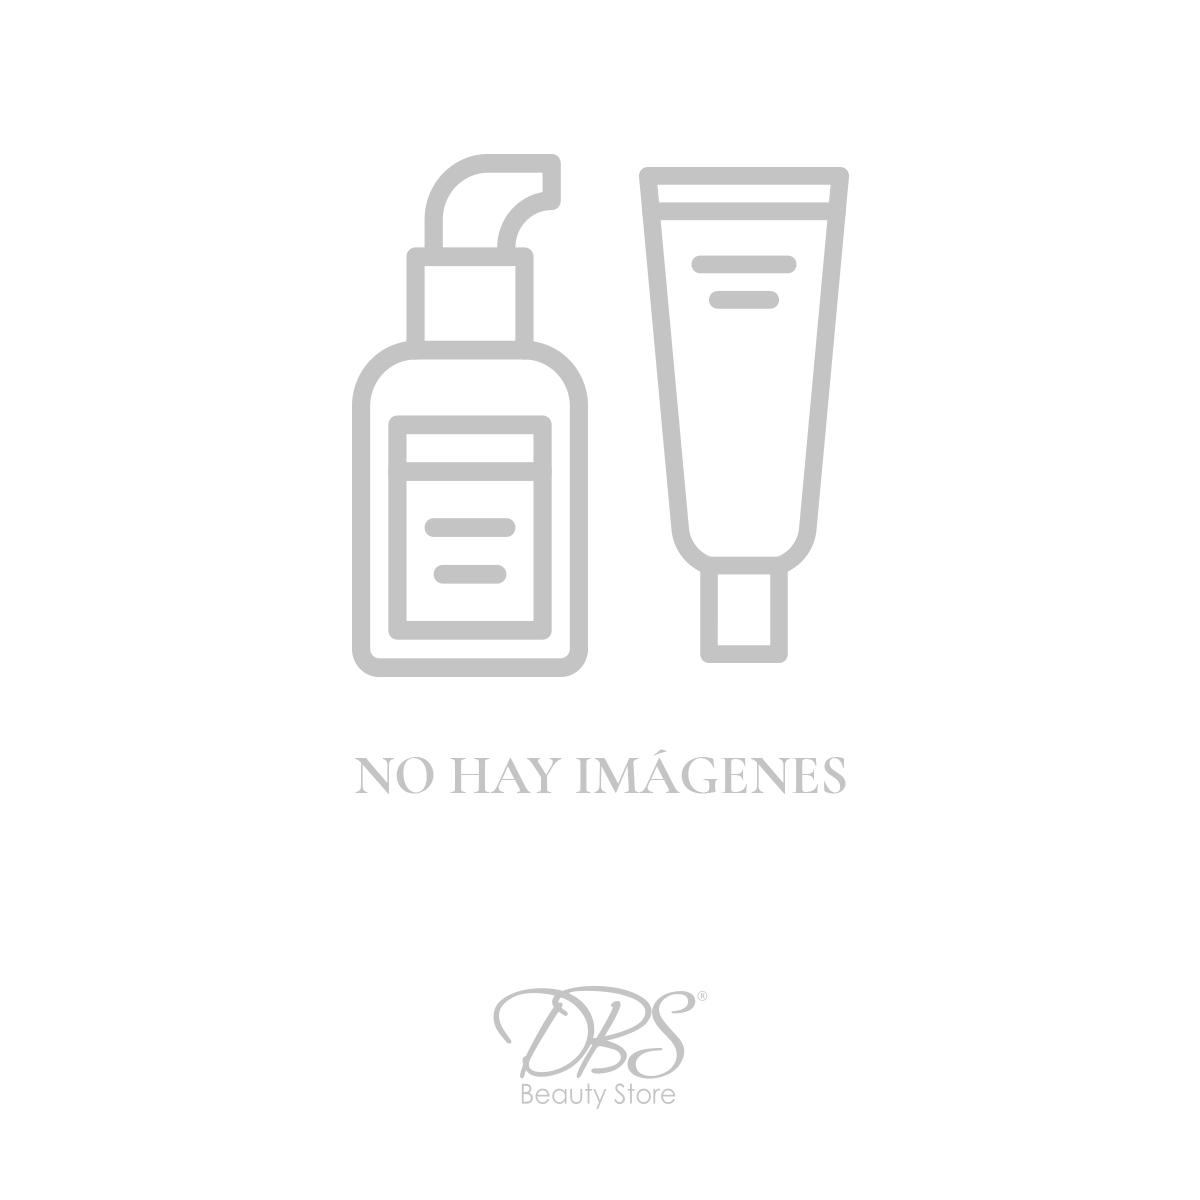 dbs-cosmetics-DBS-OS1039-MP.jpg